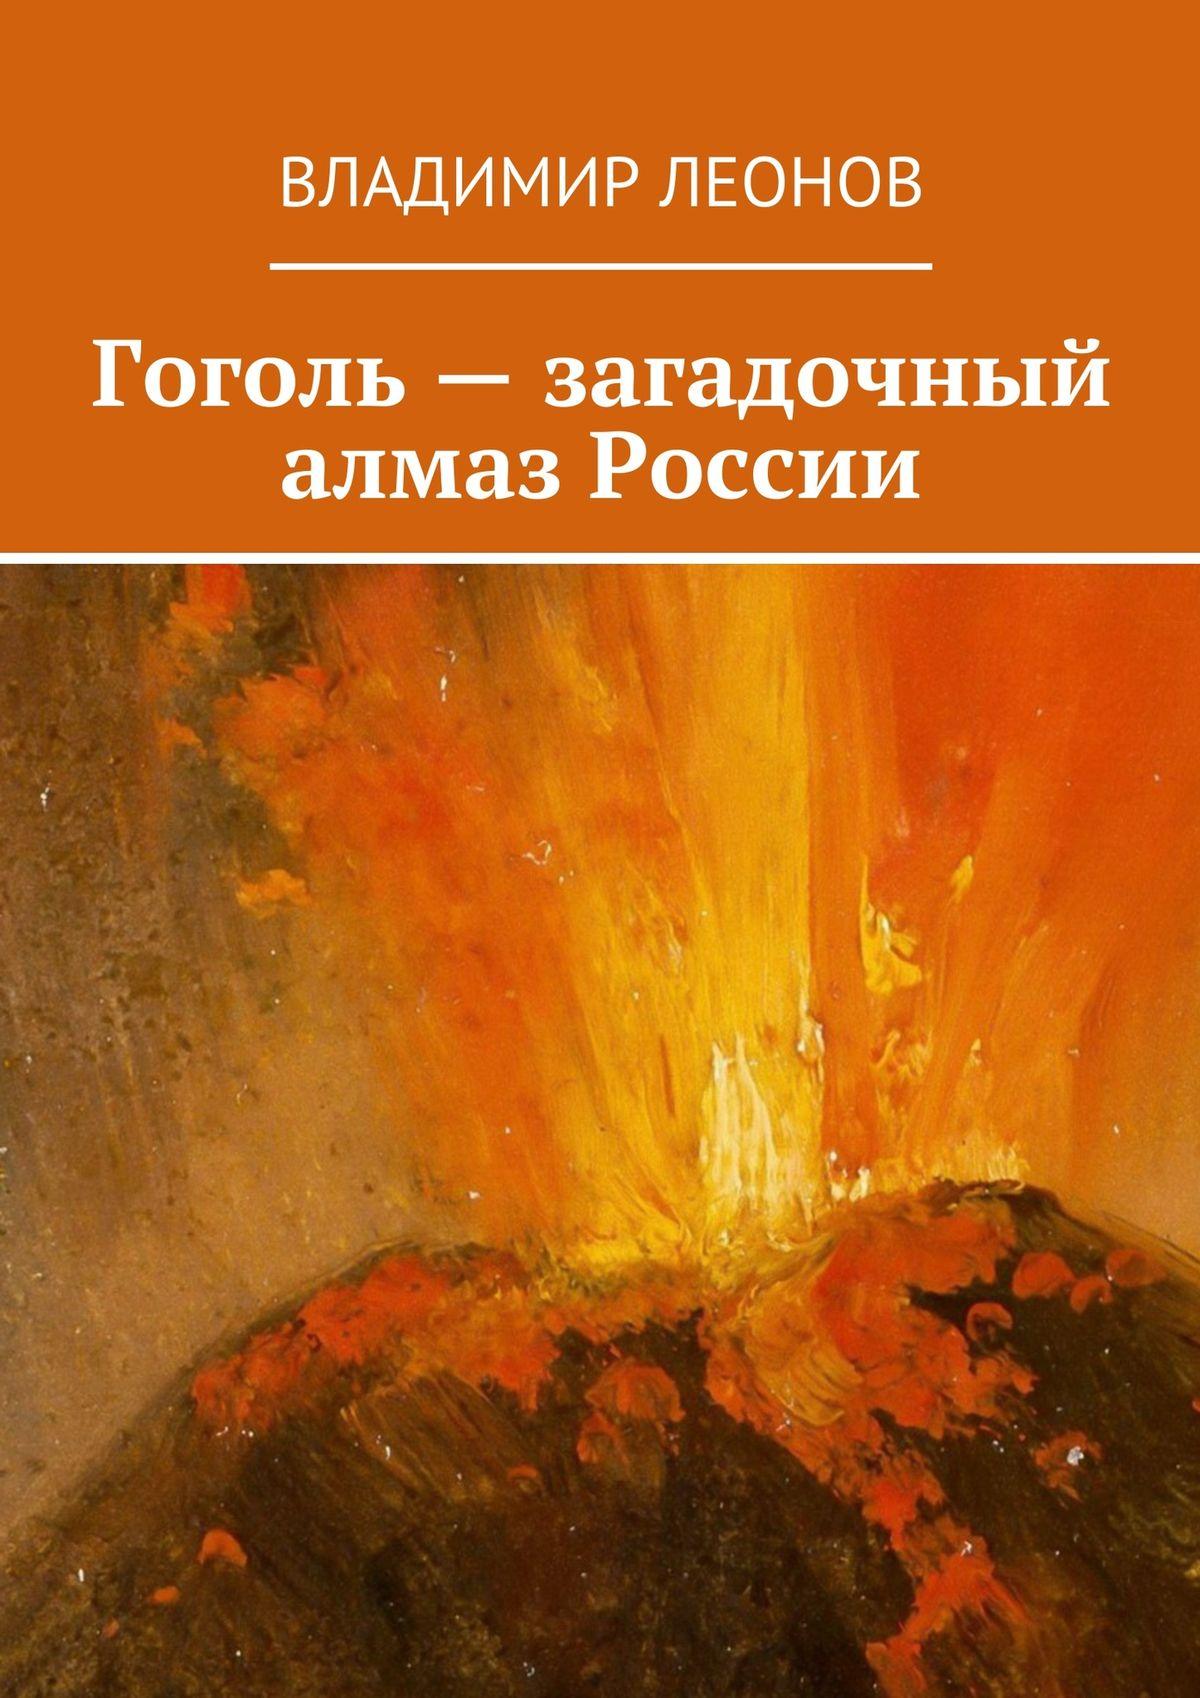 Владимир Леонов Гоголь – загадочный алмаз России